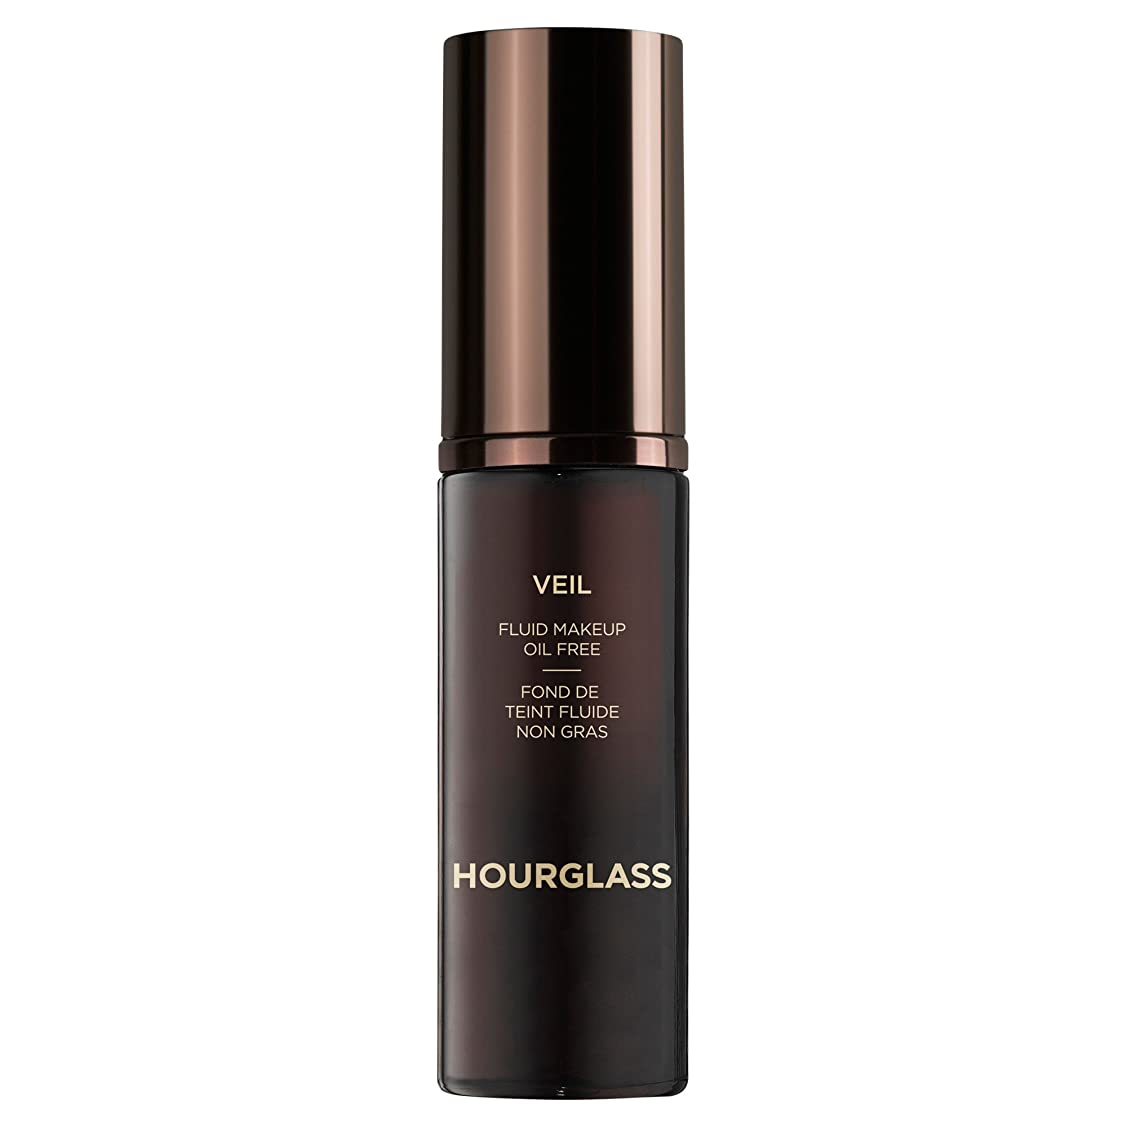 パール思春期あなたのものクロテン砂時計ベール流体メイクアップ (Hourglass) - Hourglass Veil Fluid Makeup Sable [並行輸入品]